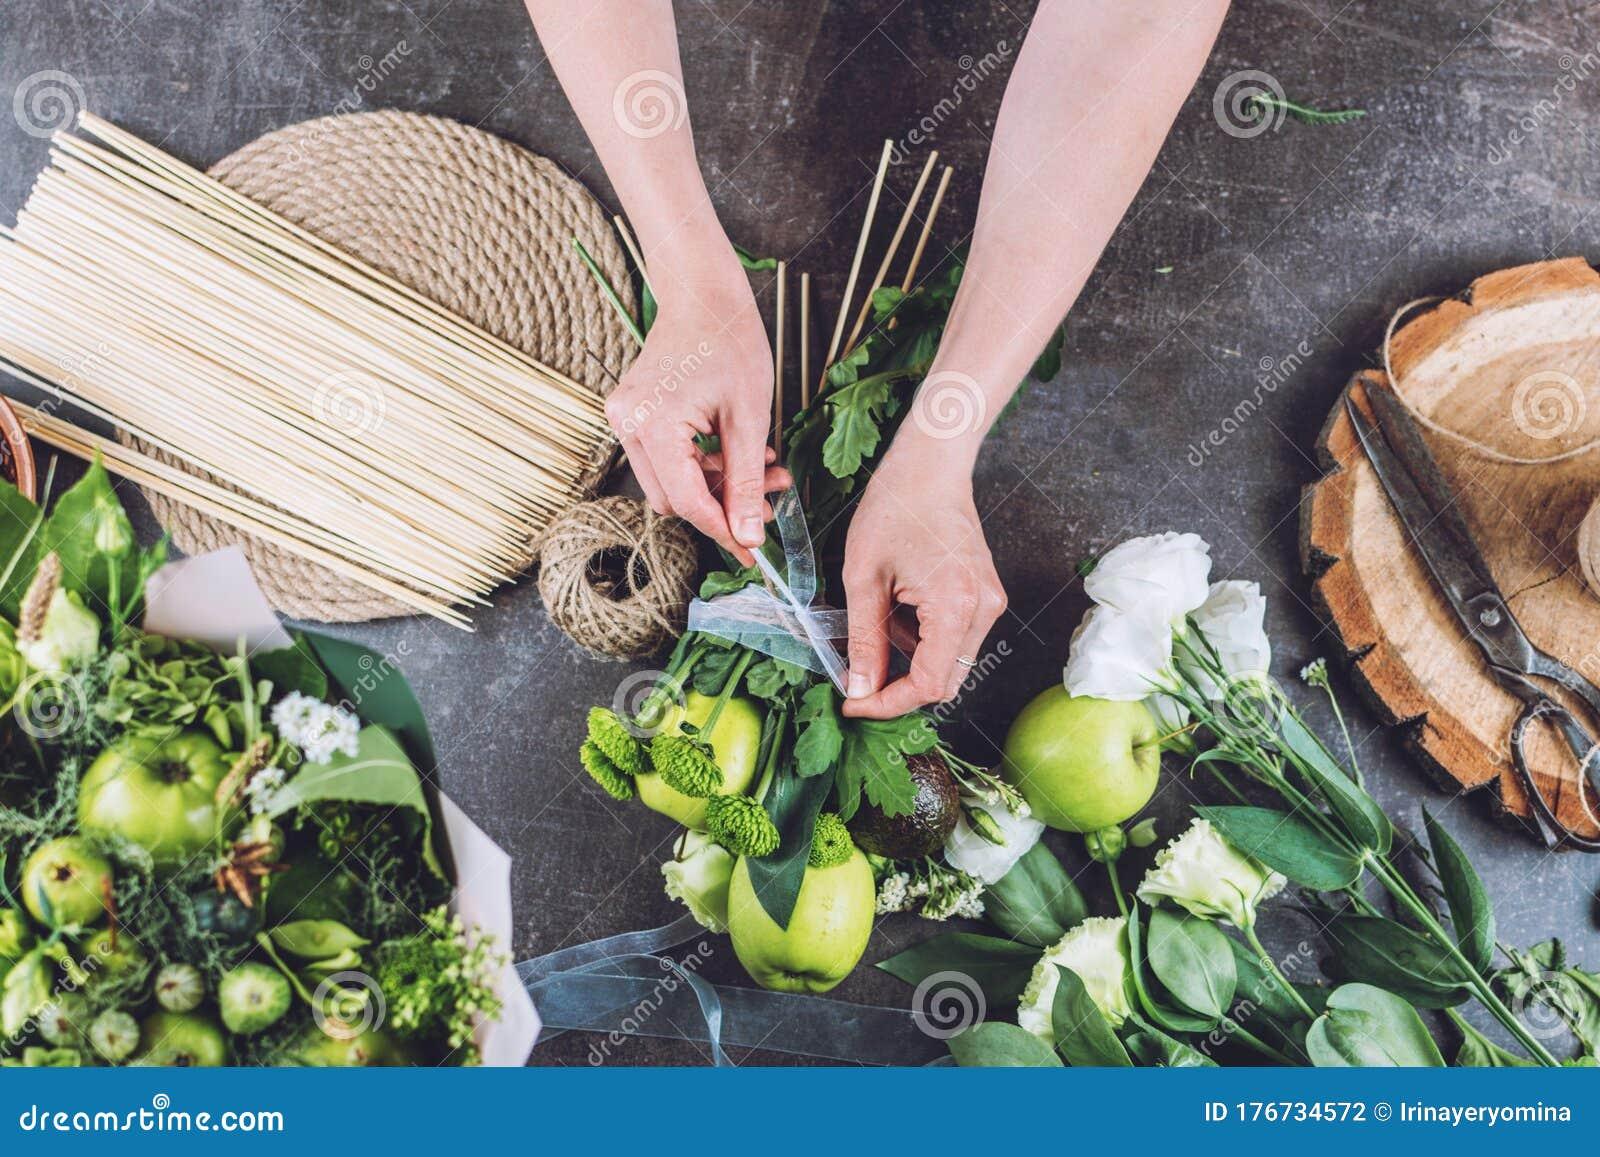 Fresh Fruit Arrangements Bouquets Edible Fresh Fruit Arrangement Gifts How To Make Edible Bouquet Steps Tutorial Florist Stock Photo Image Of Gorgeous Juicy 176734572